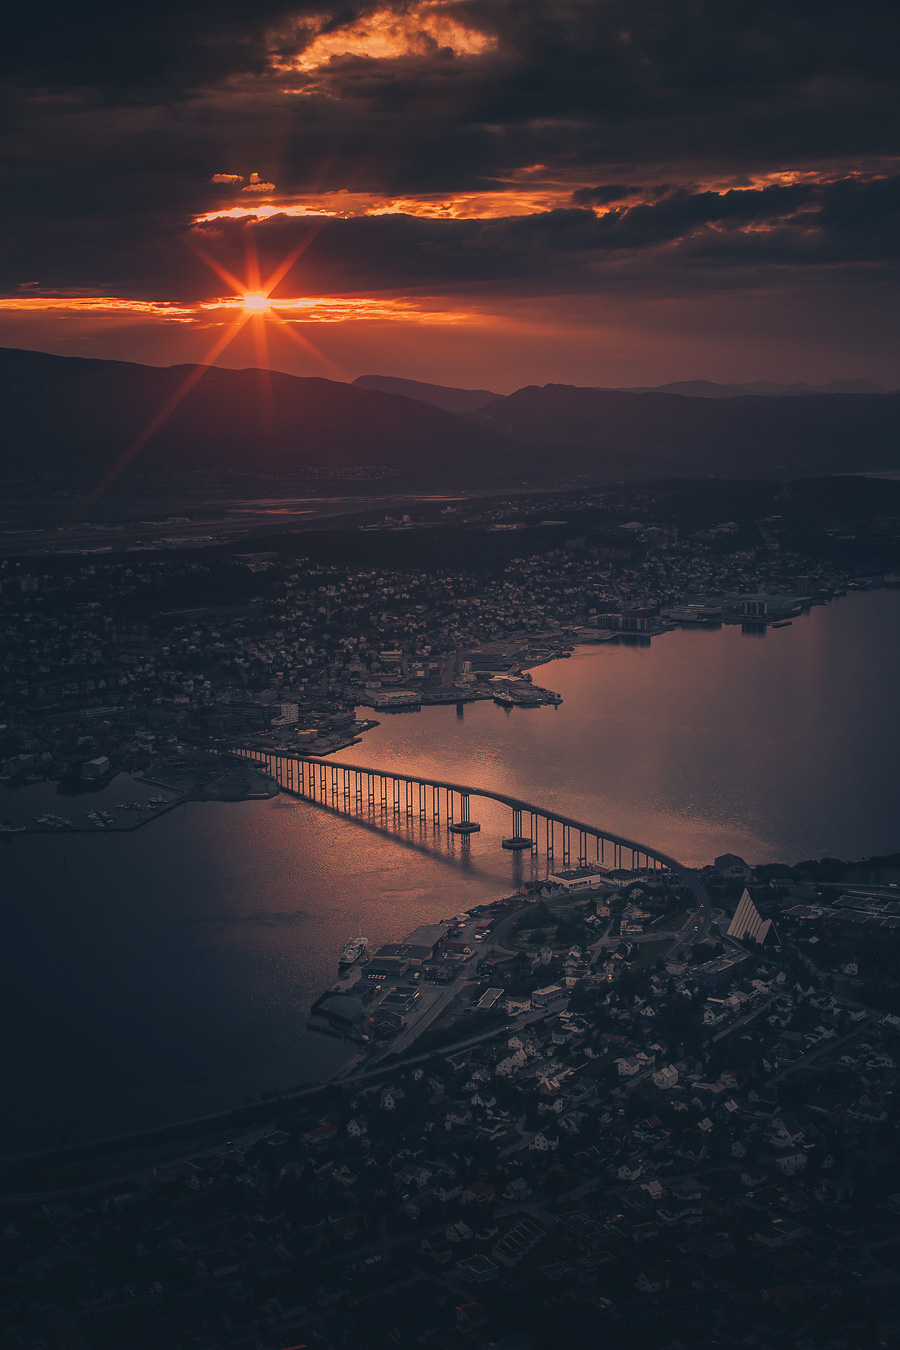 Midnight sun in Tromsø seen from Fjellheisen